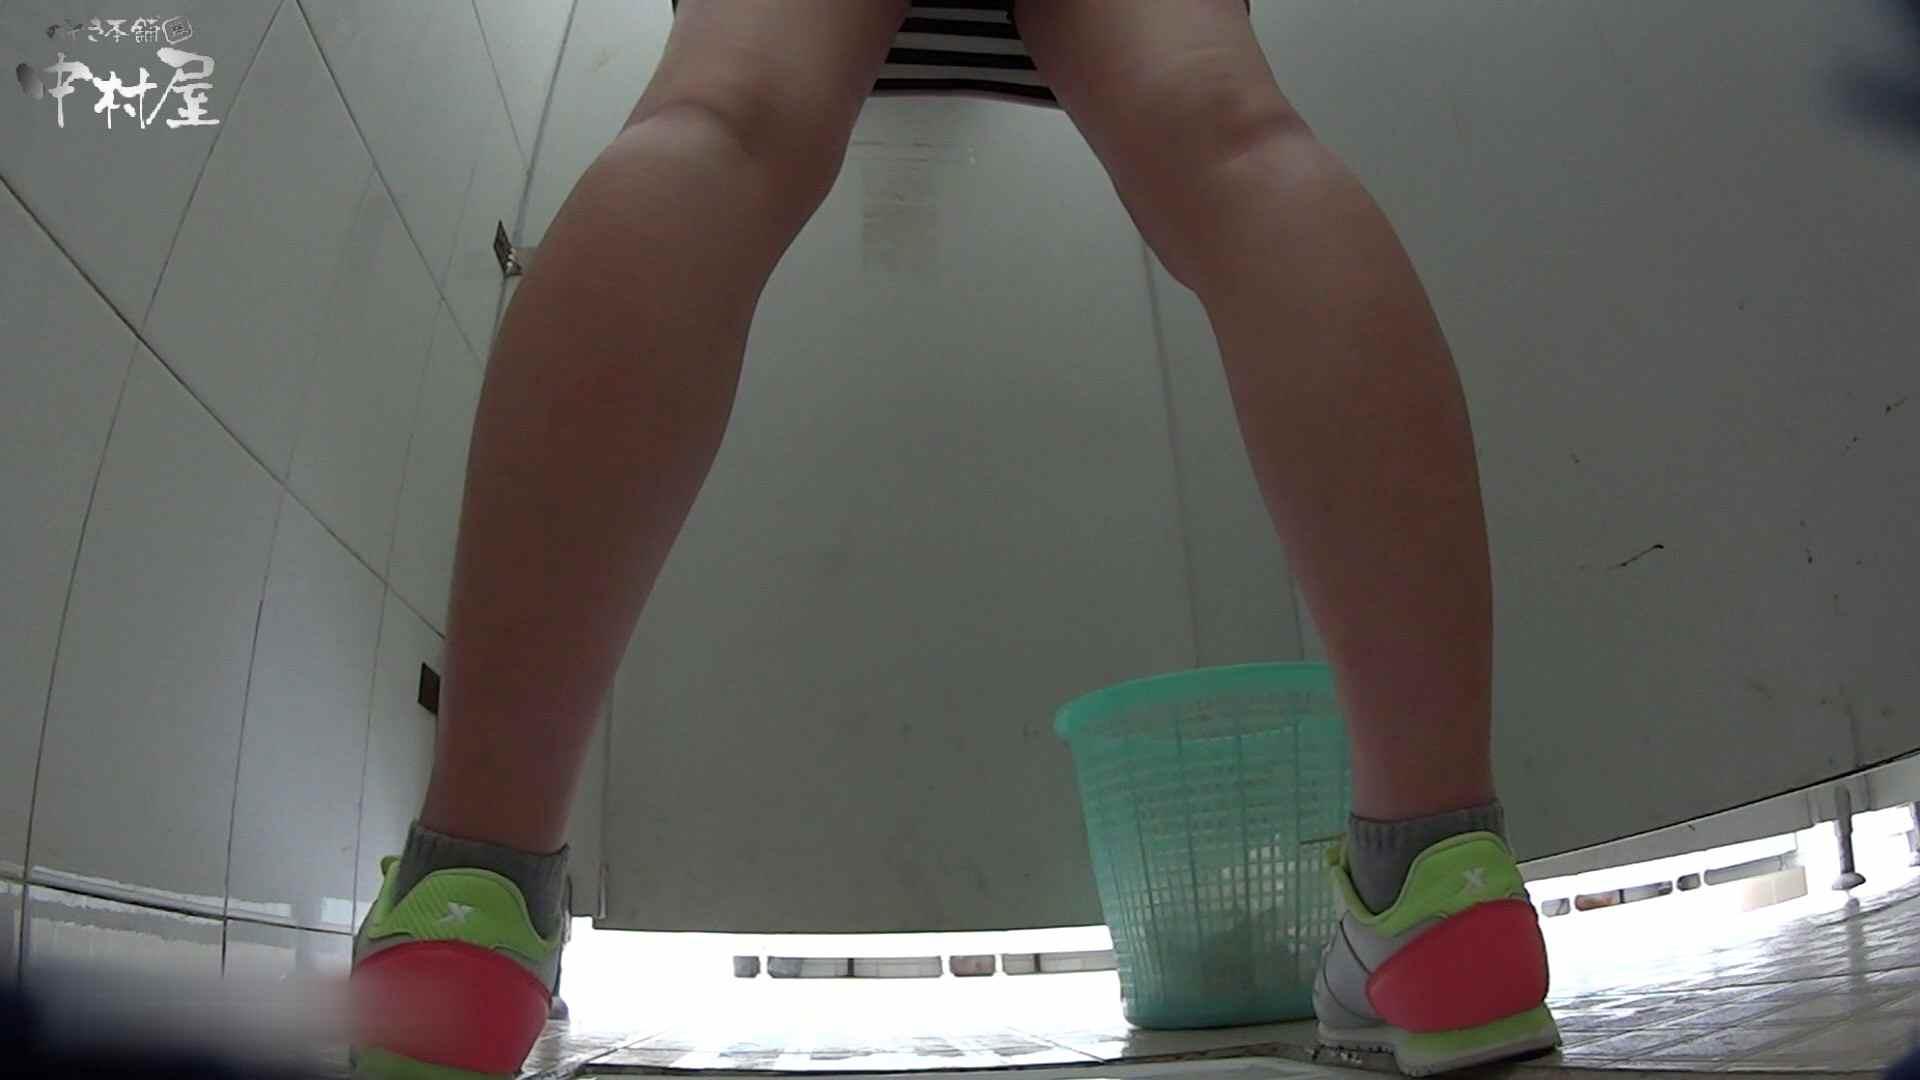 美しい女良たちのトイレ事情 有名大学休憩時間の洗面所事情06 高画質 | 美女  92pic 7